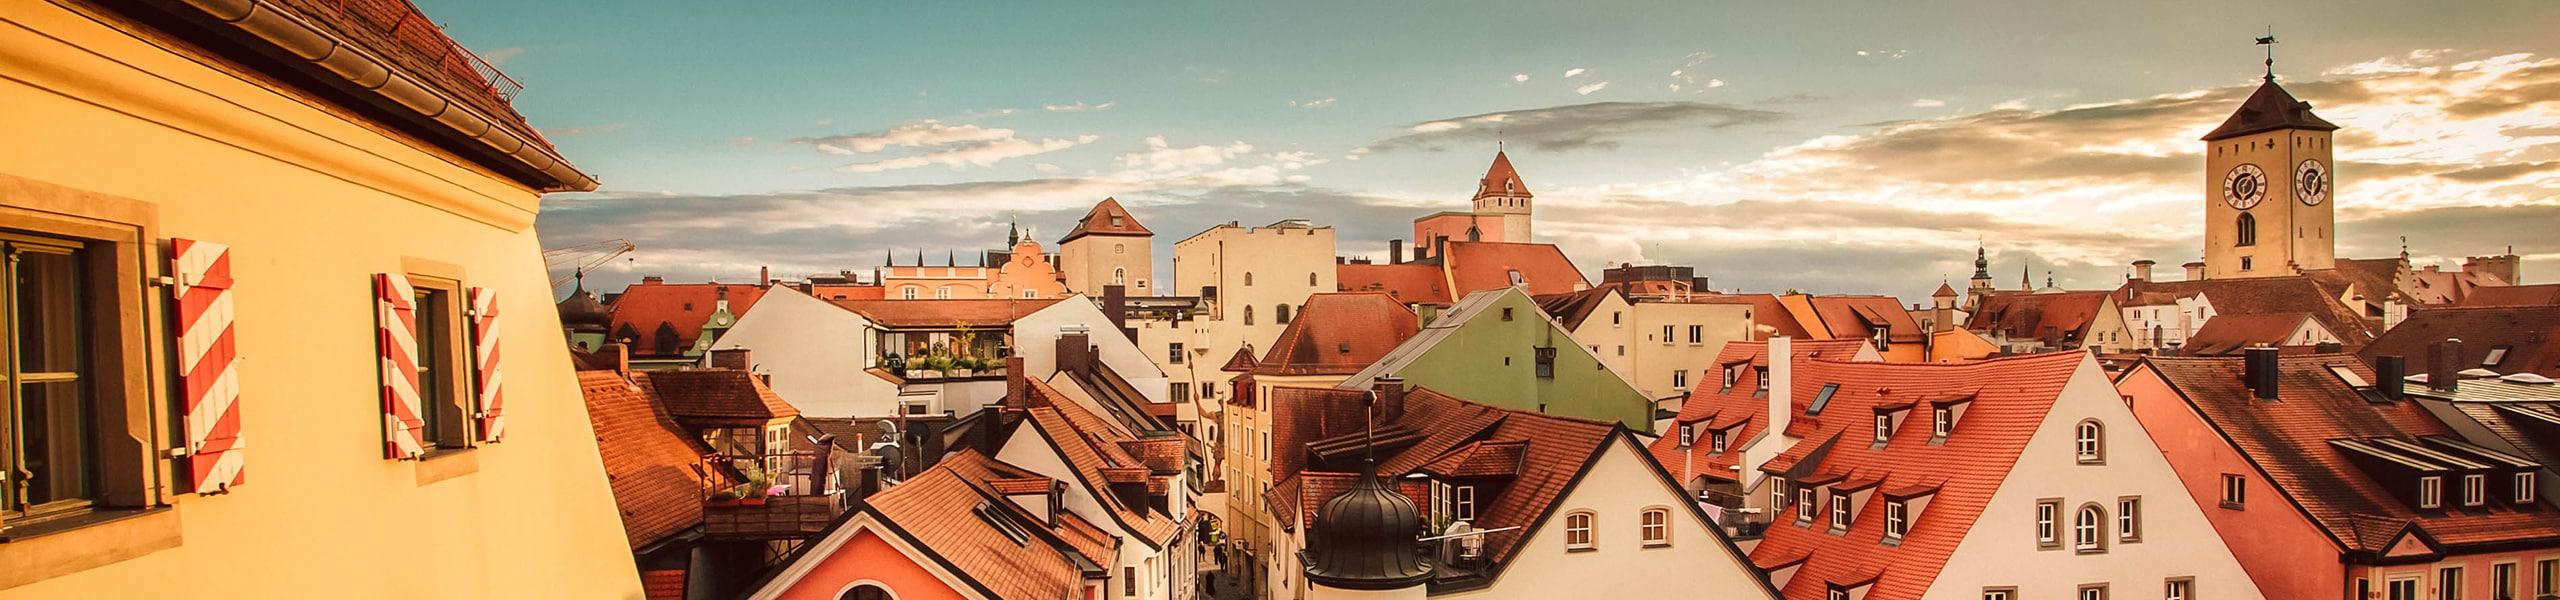 Blick über die Regensburger Altstadt